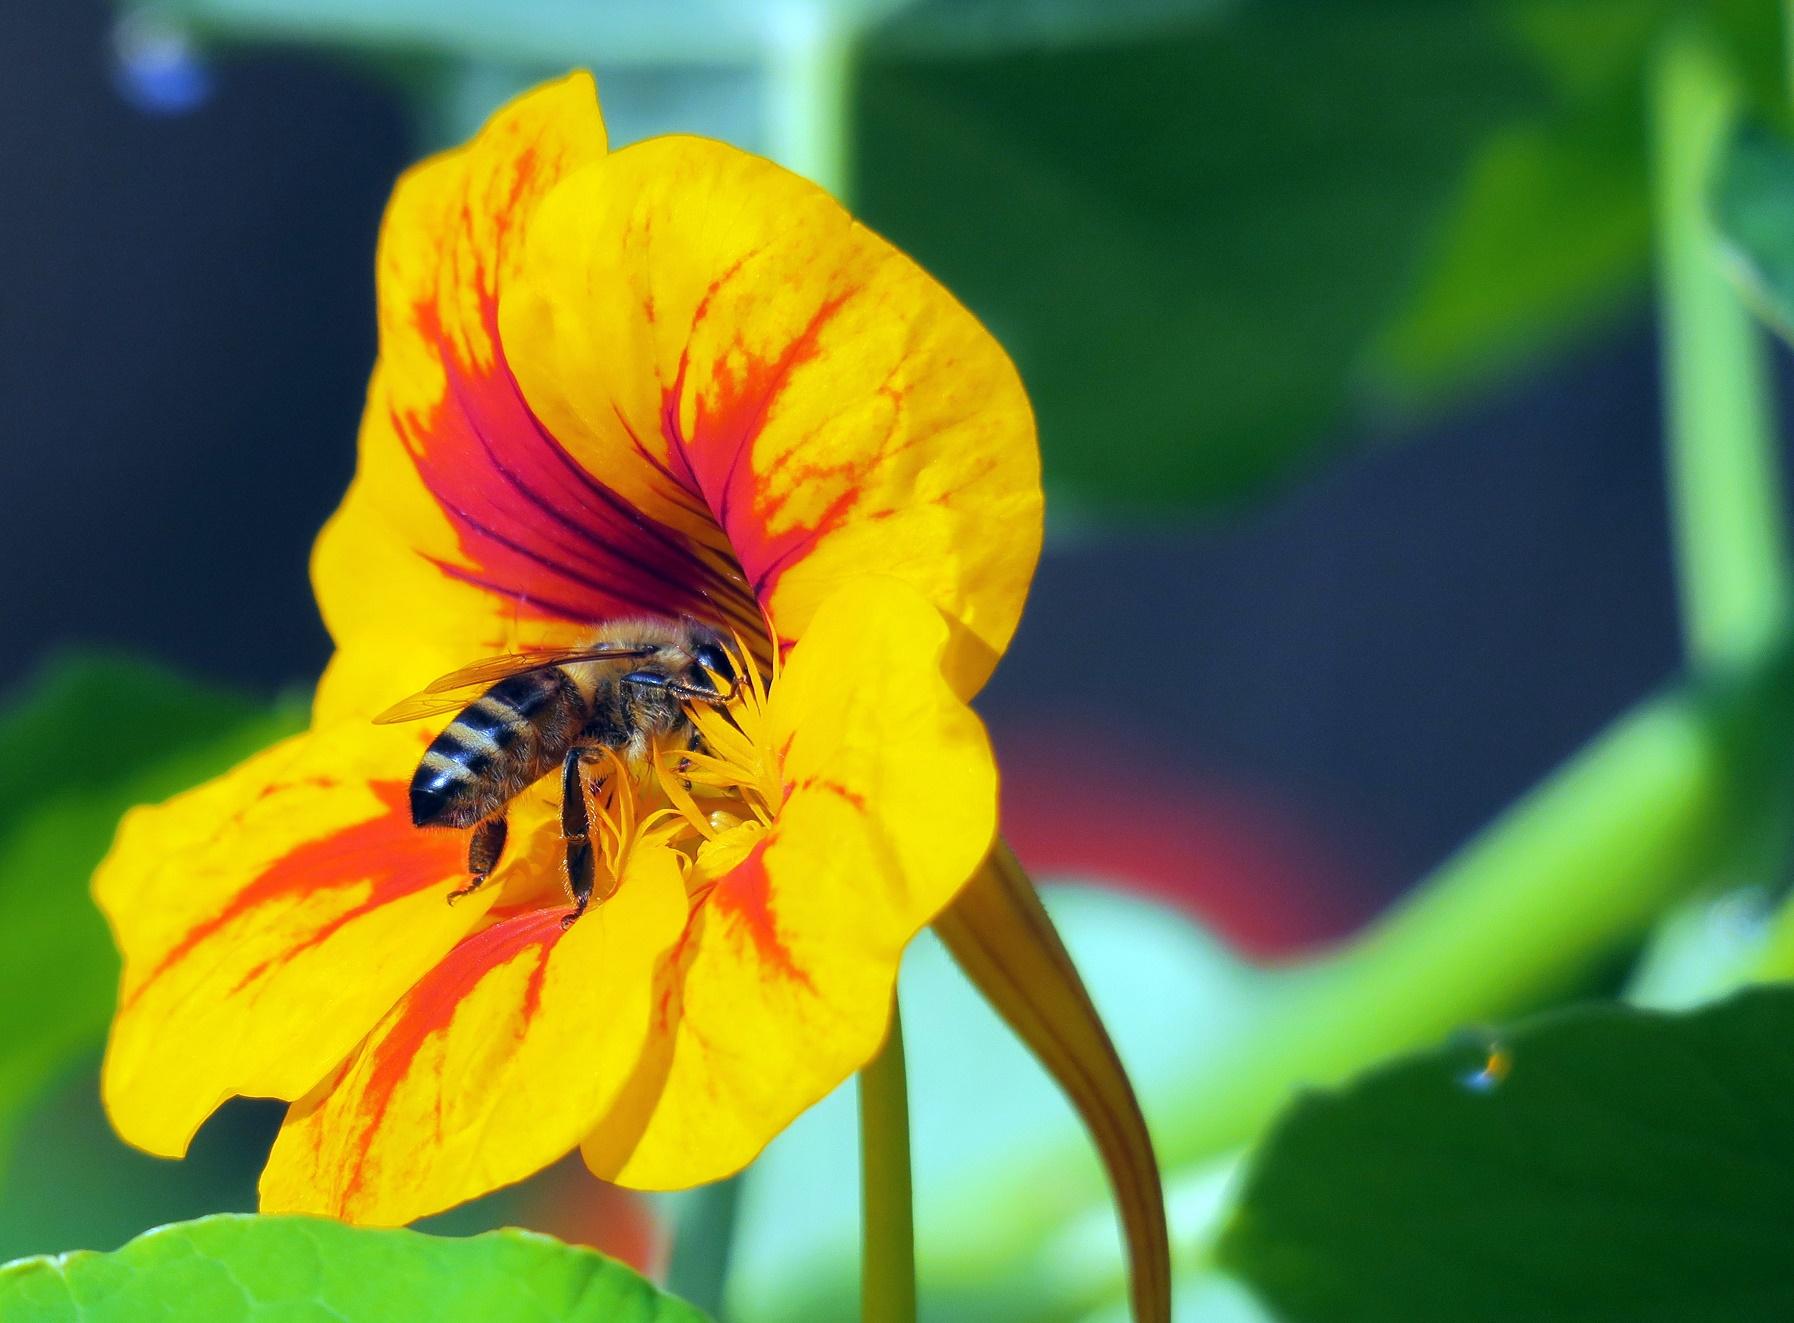 De acordo com a FAO, 90% dos alimentos do mundo dependem do poder de polinização das abelhas. Foto SOEREN STACHE / ZB / DPA